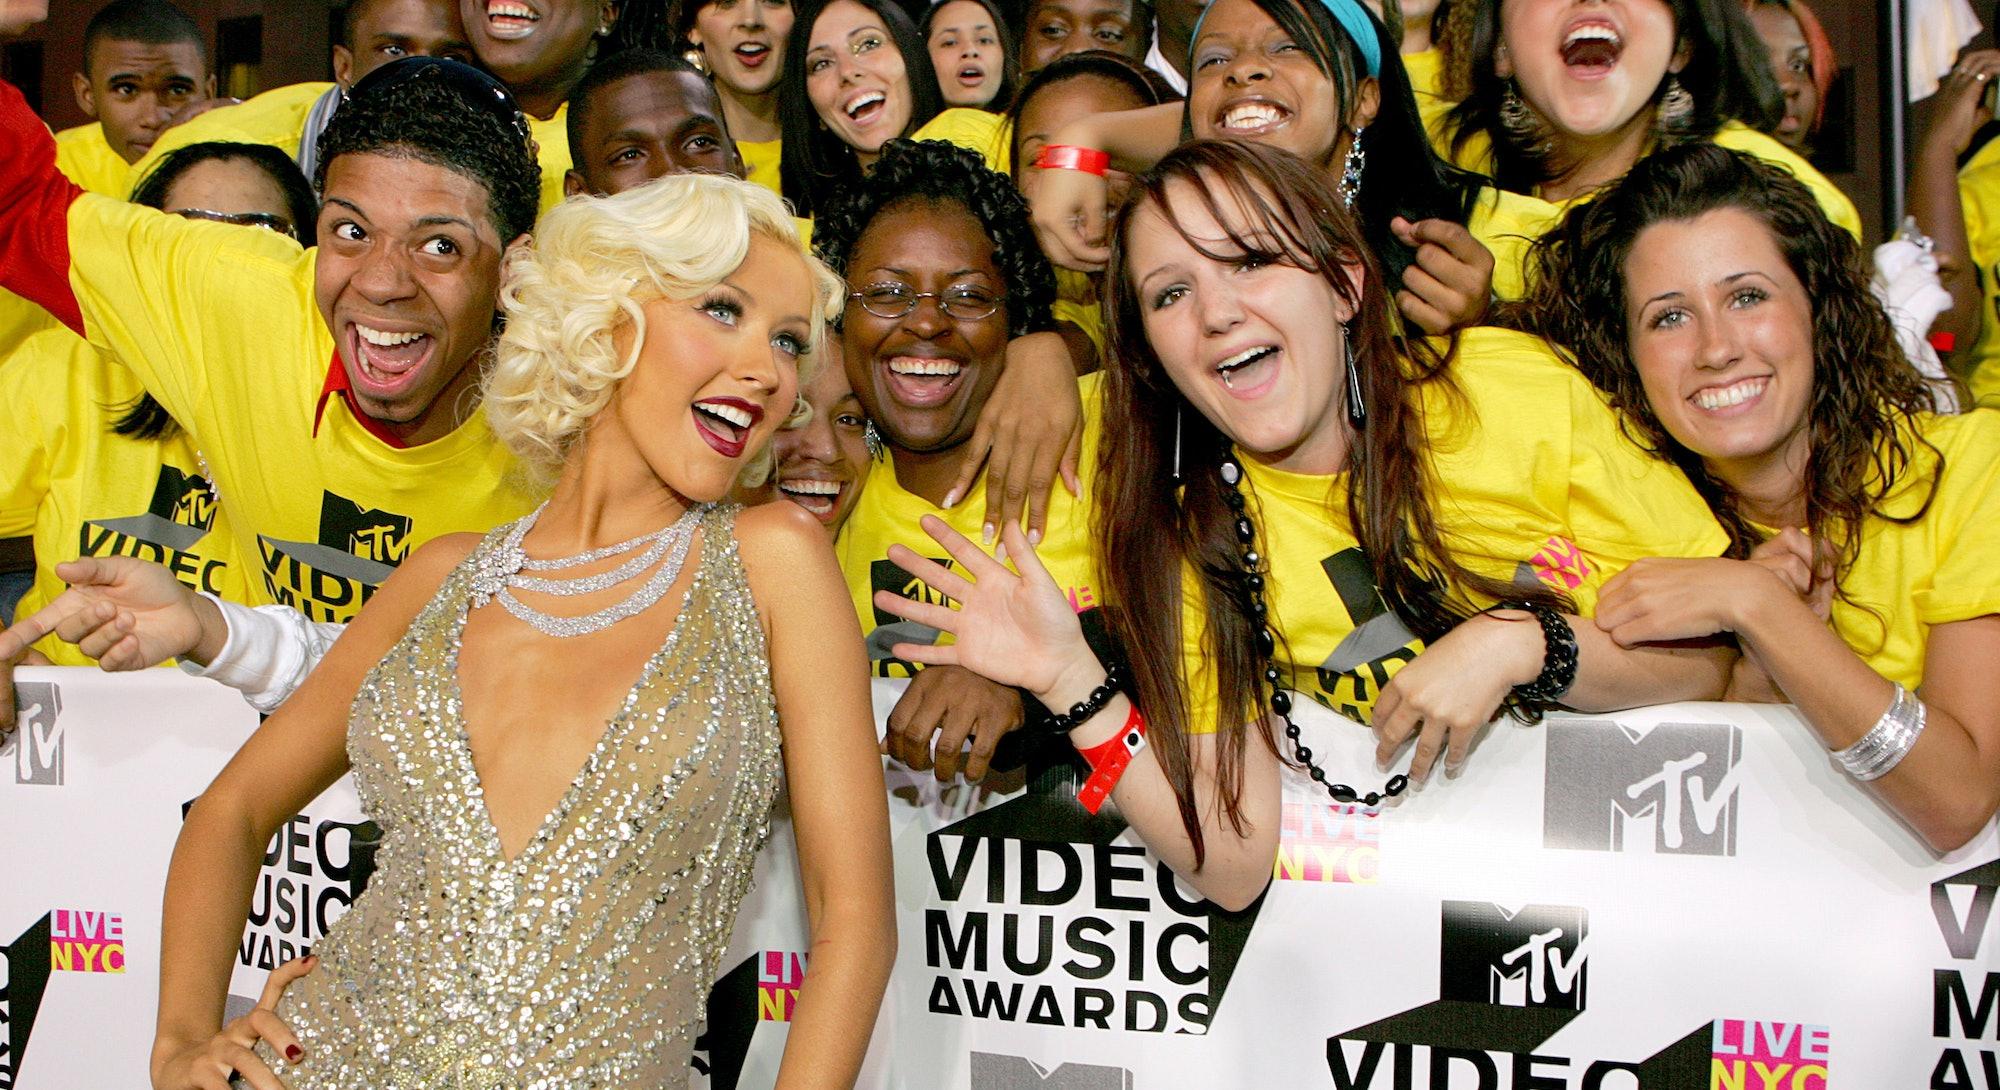 Christina Aguilera at the 2006 VMAs.